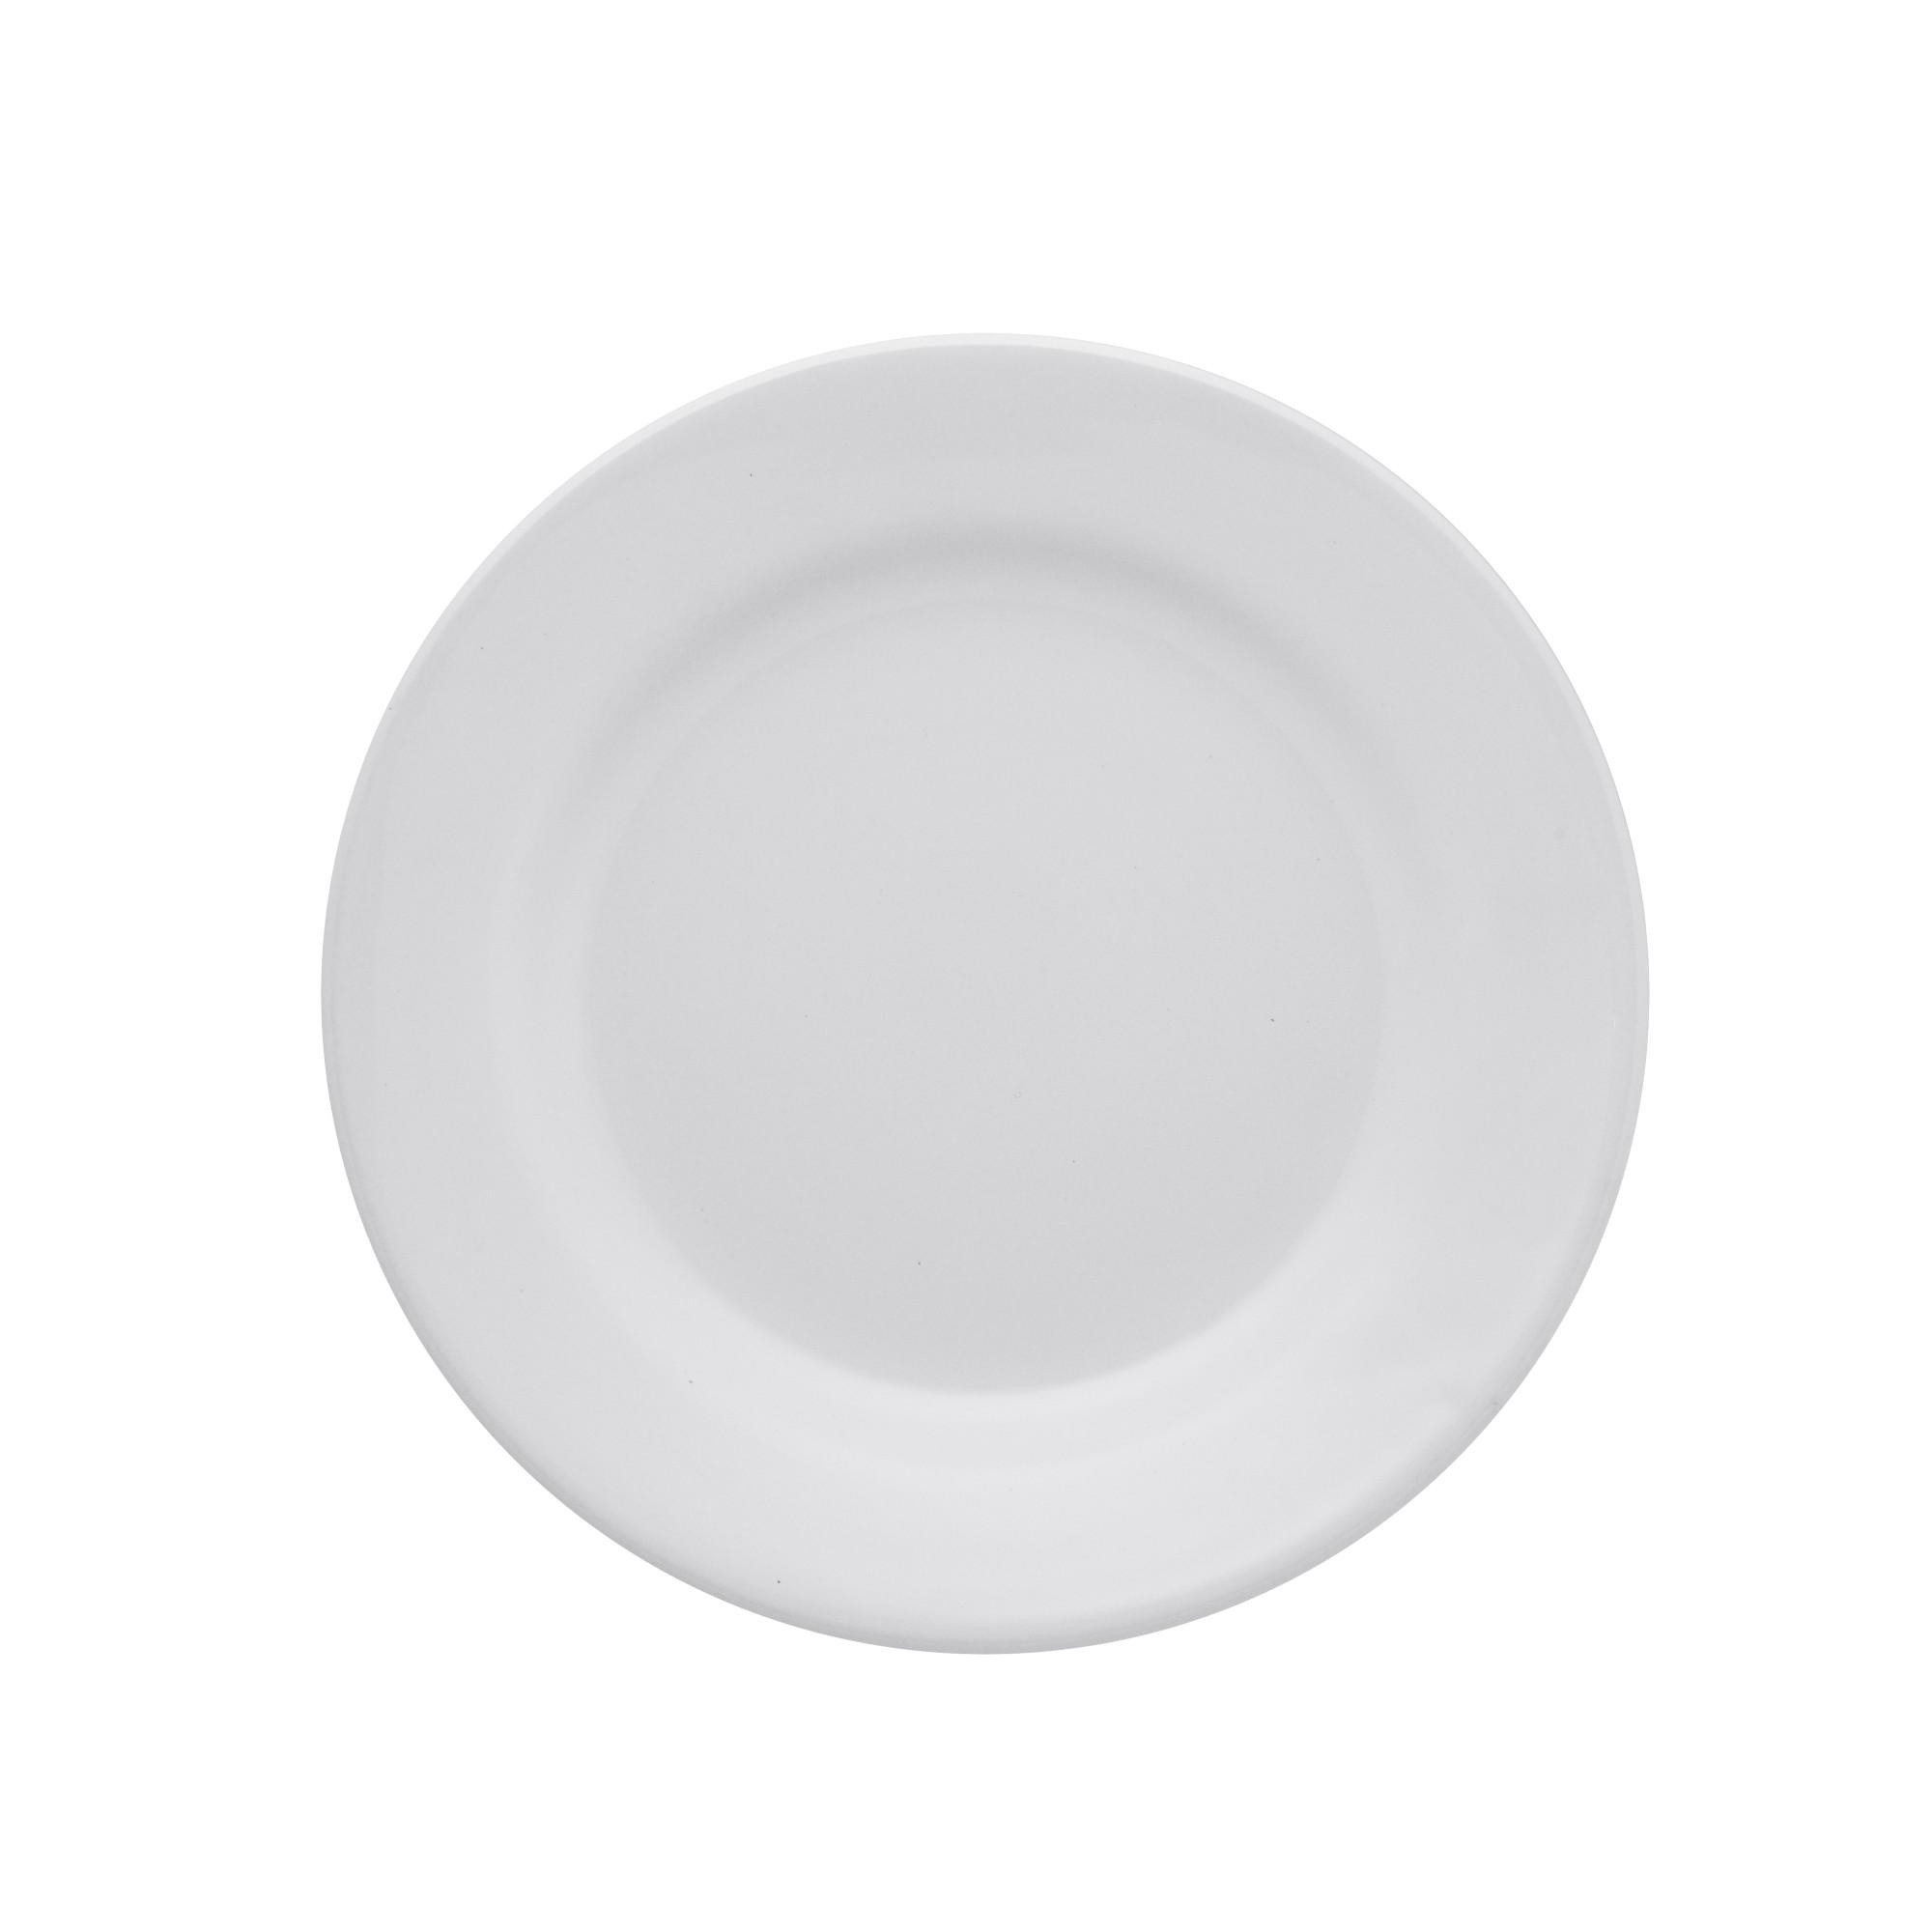 Prato de Sobremesa Redondo em Ceramica Vitramik Branco 19cm - Oxford